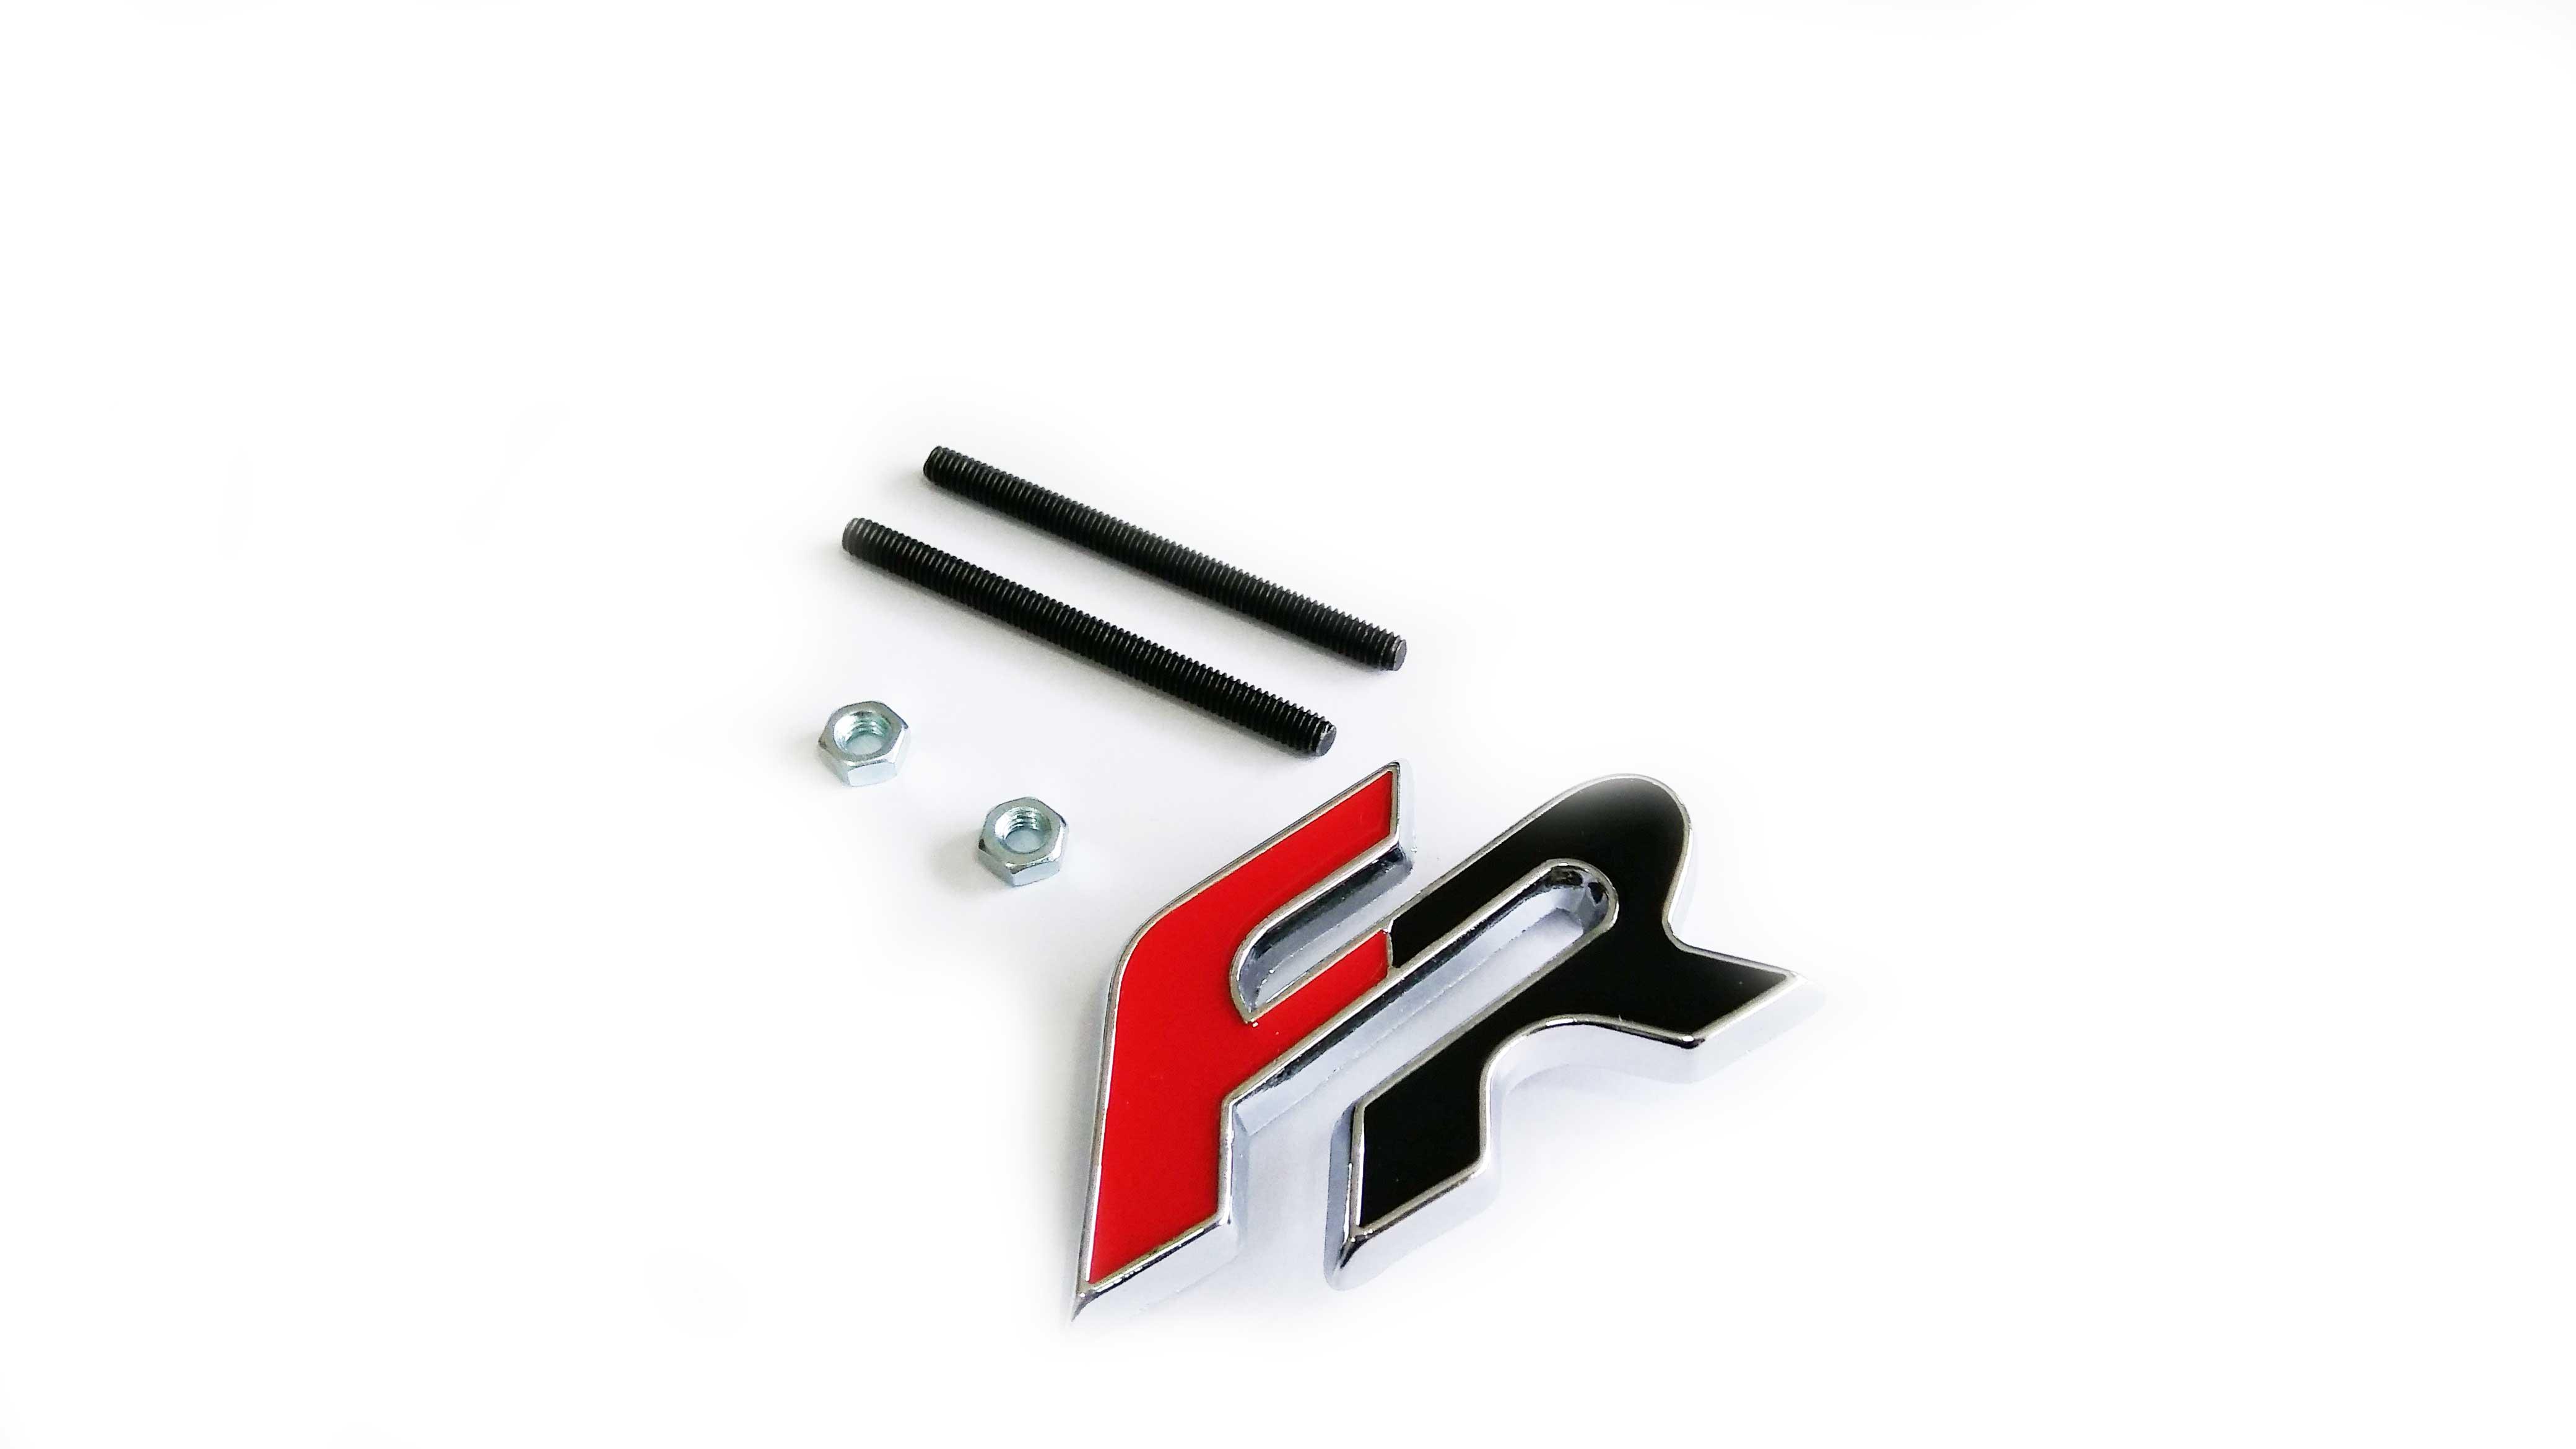 FR Panjur Arması - Seat Modelleri